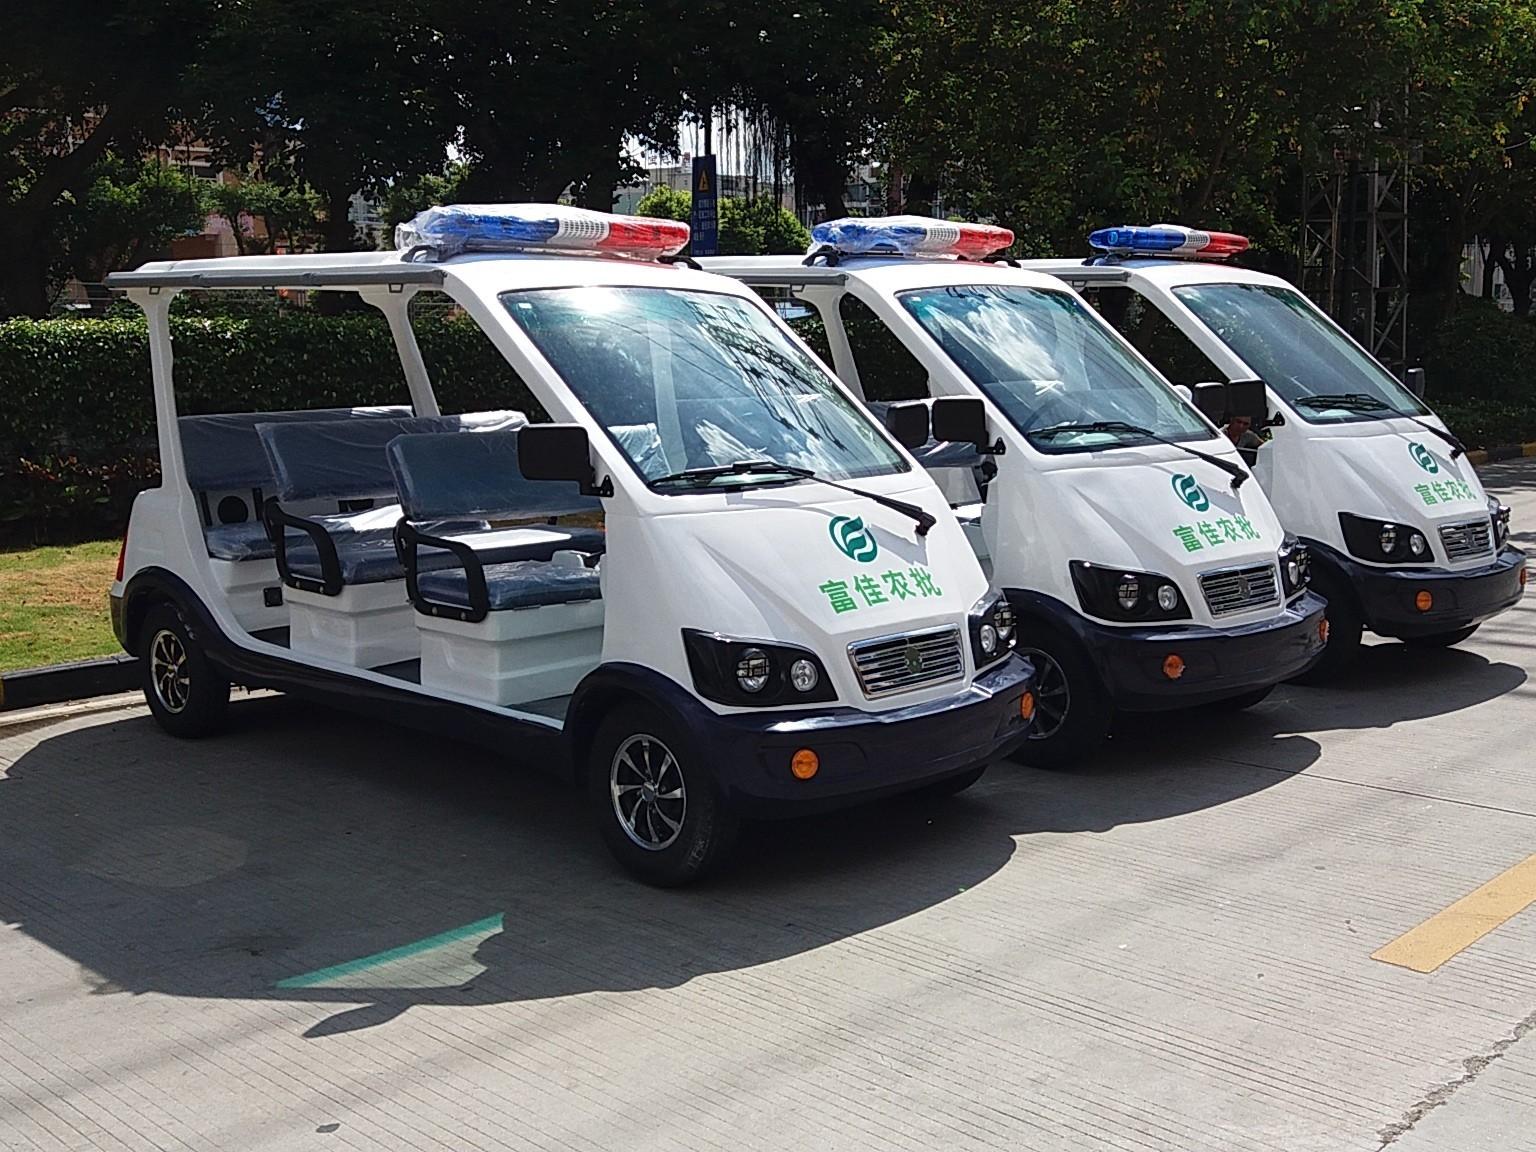 华锴电动巡逻车在城市治安中的应用